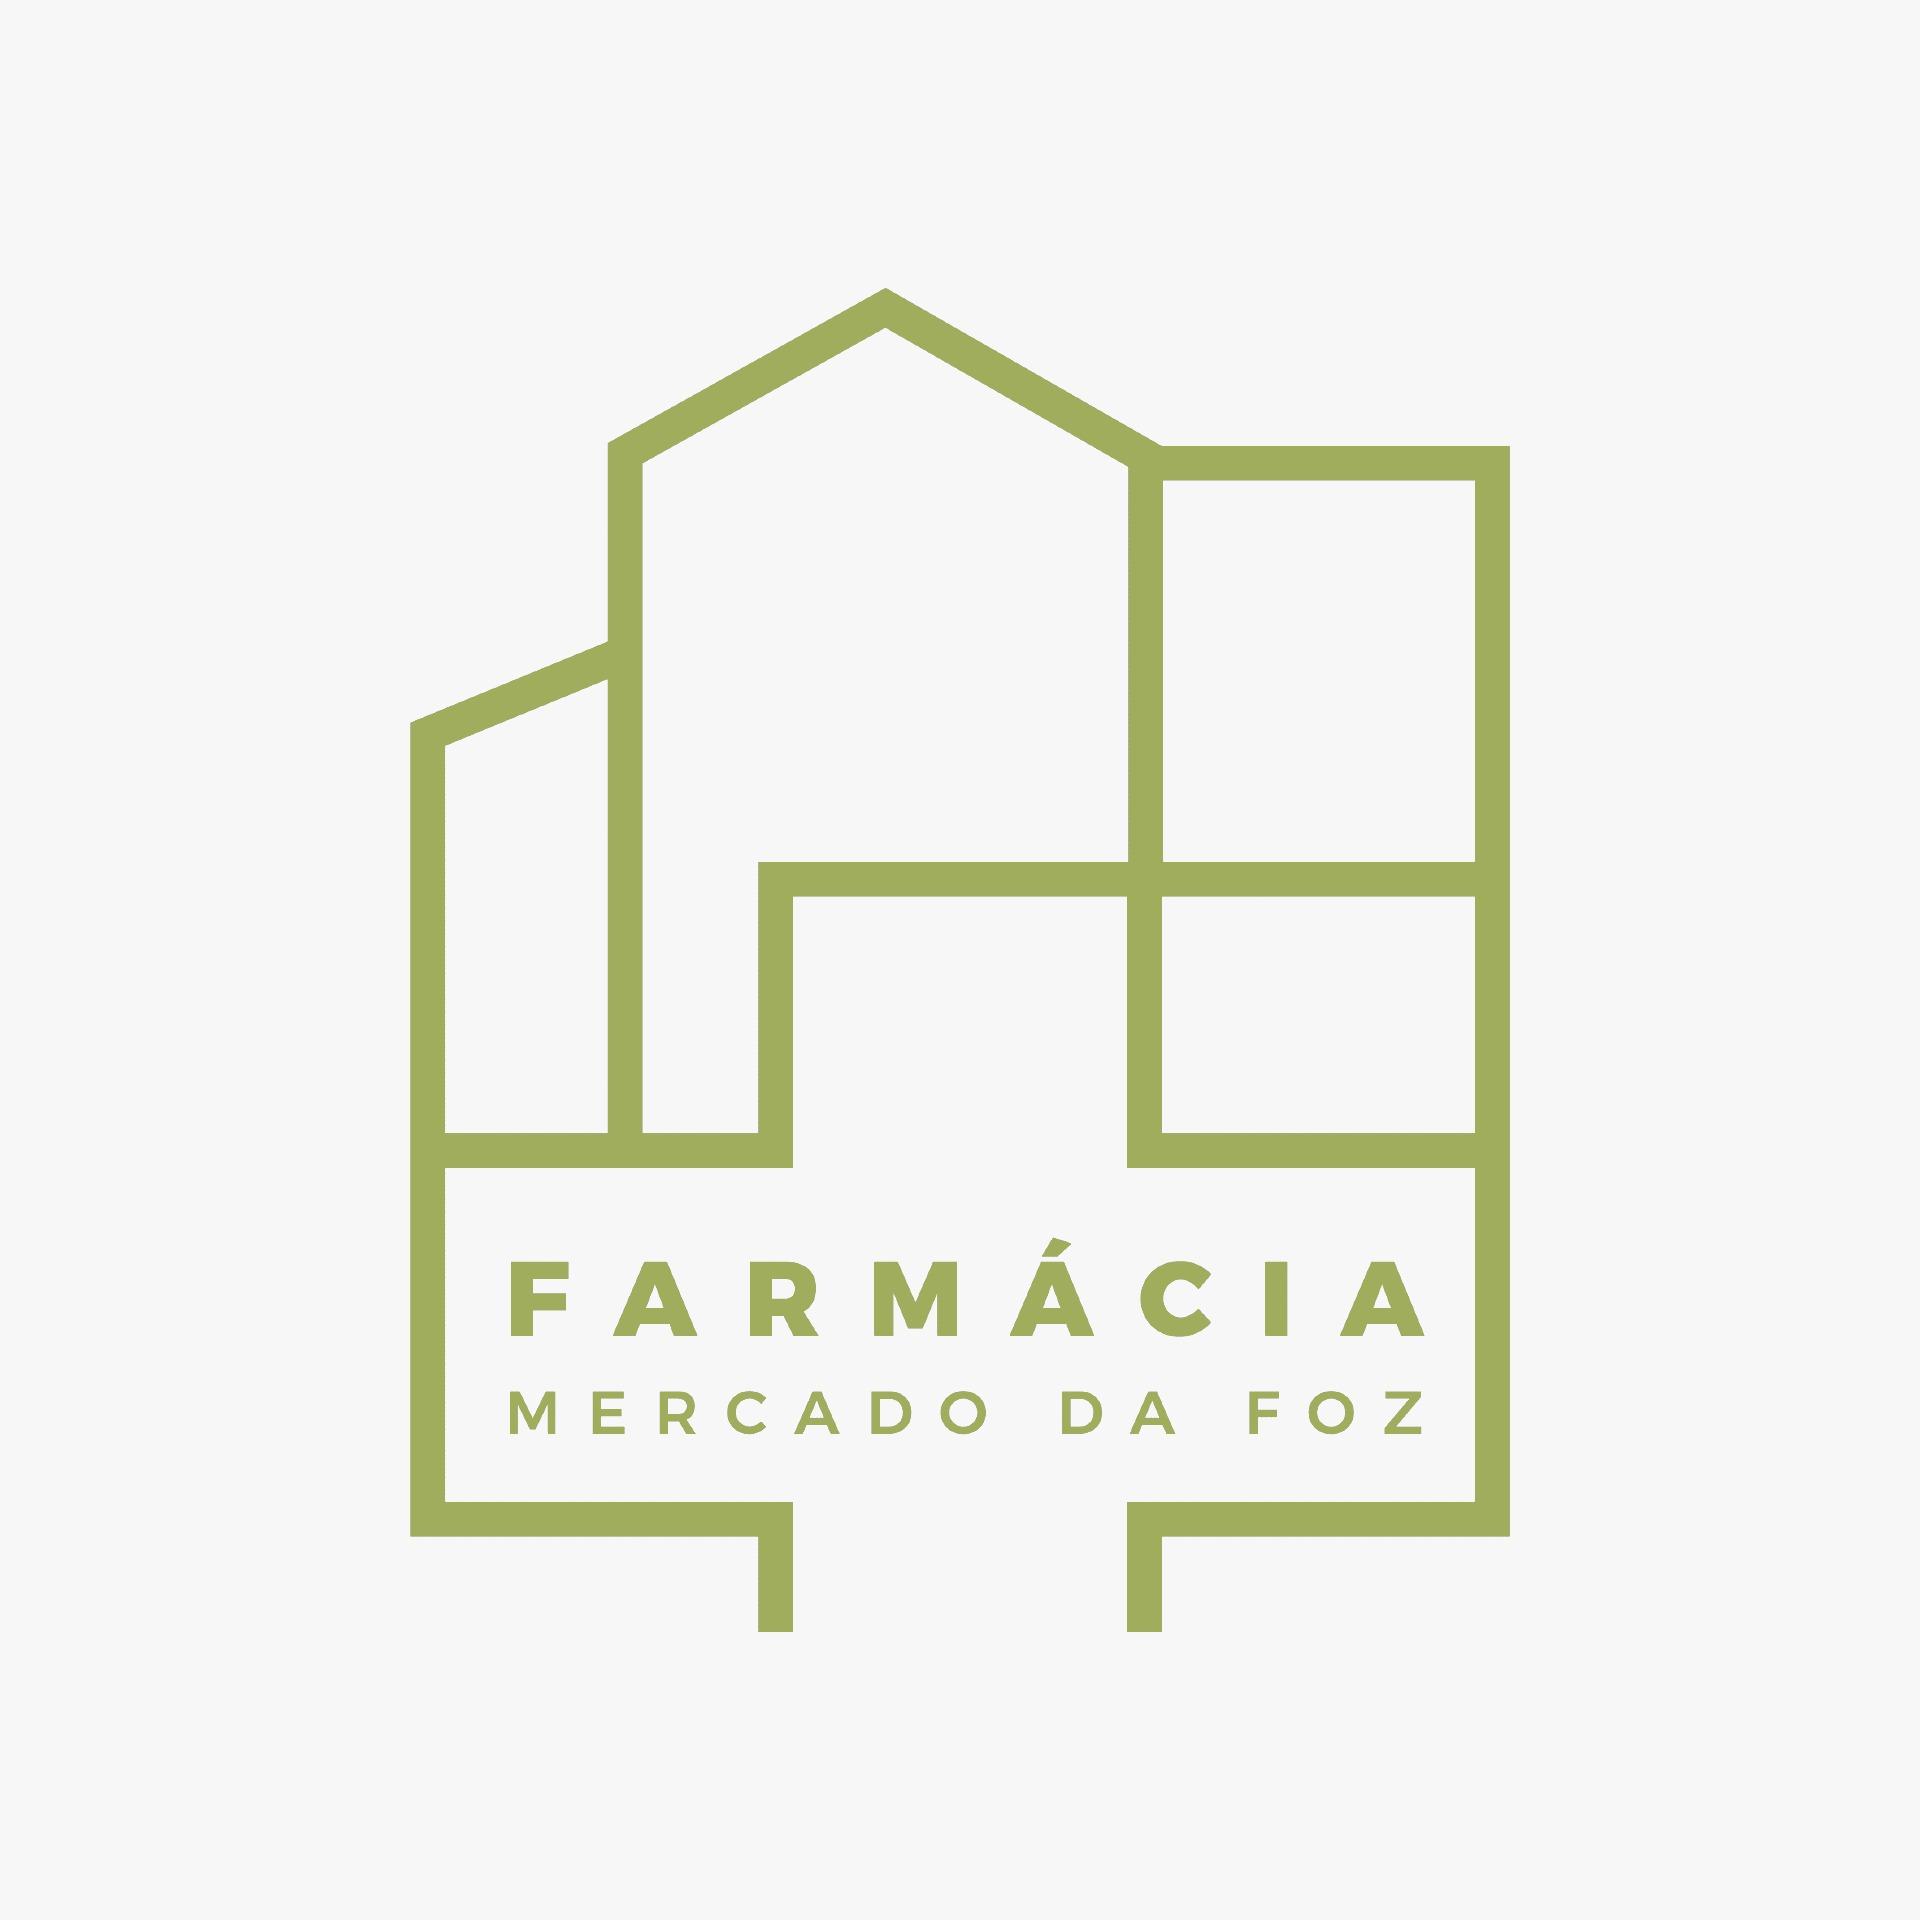 Farmácia Mercado da Foz